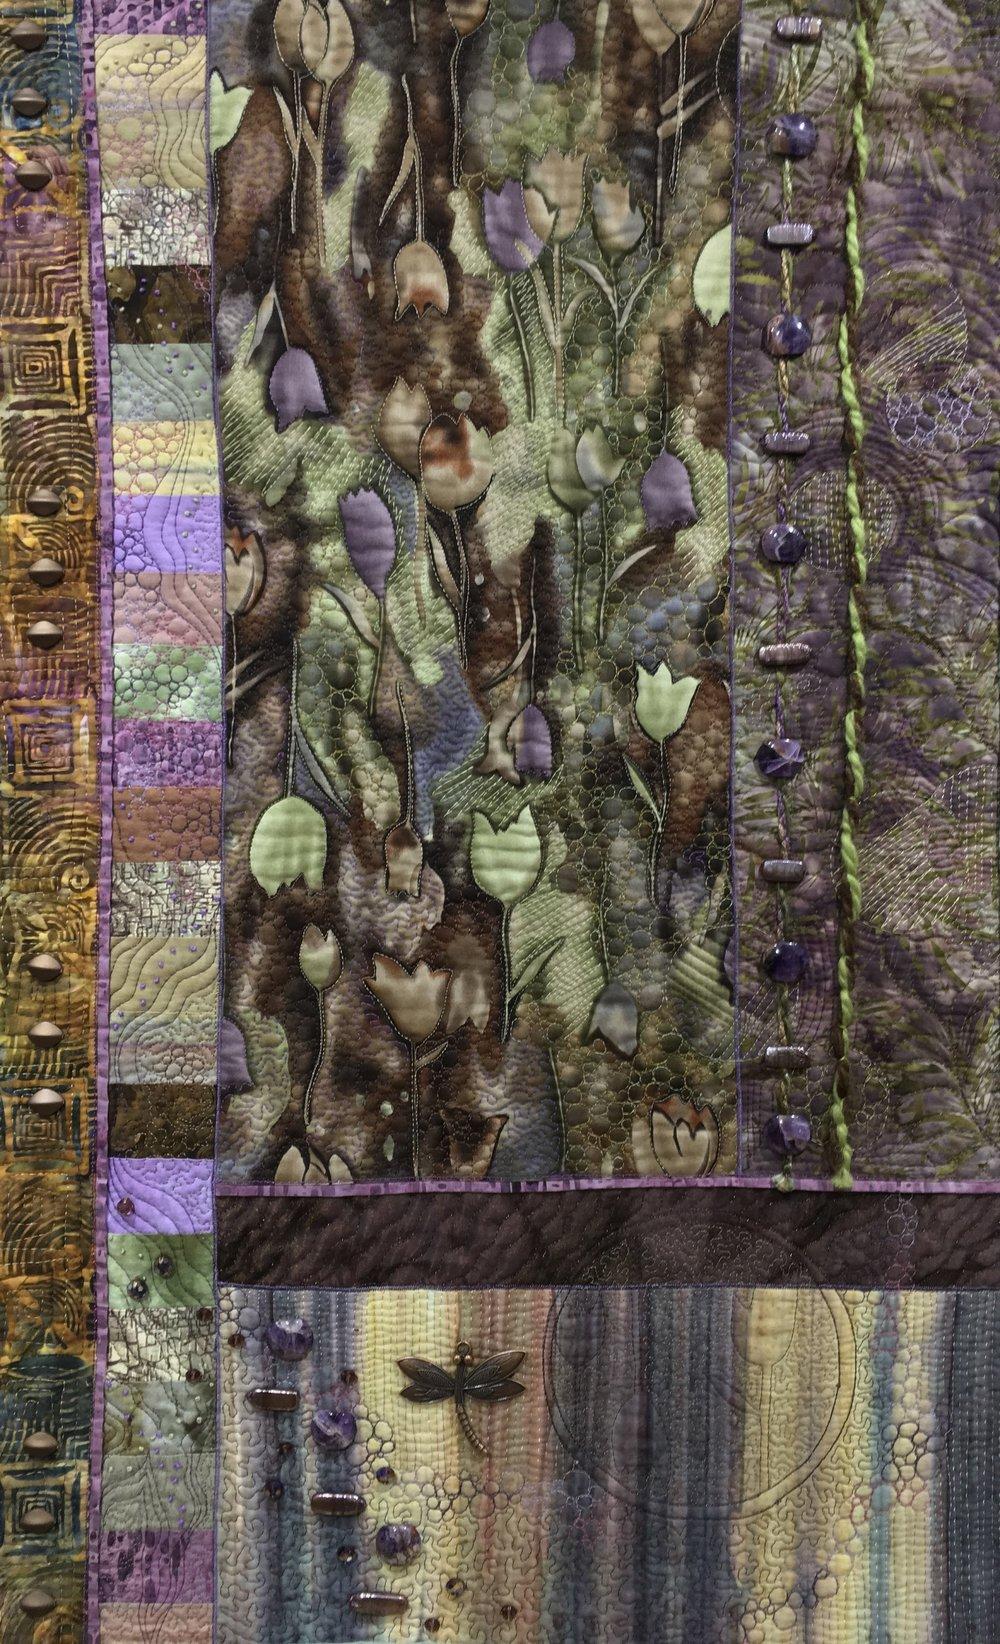 In Purple Fields of Tulips   - Heidi Zielinski